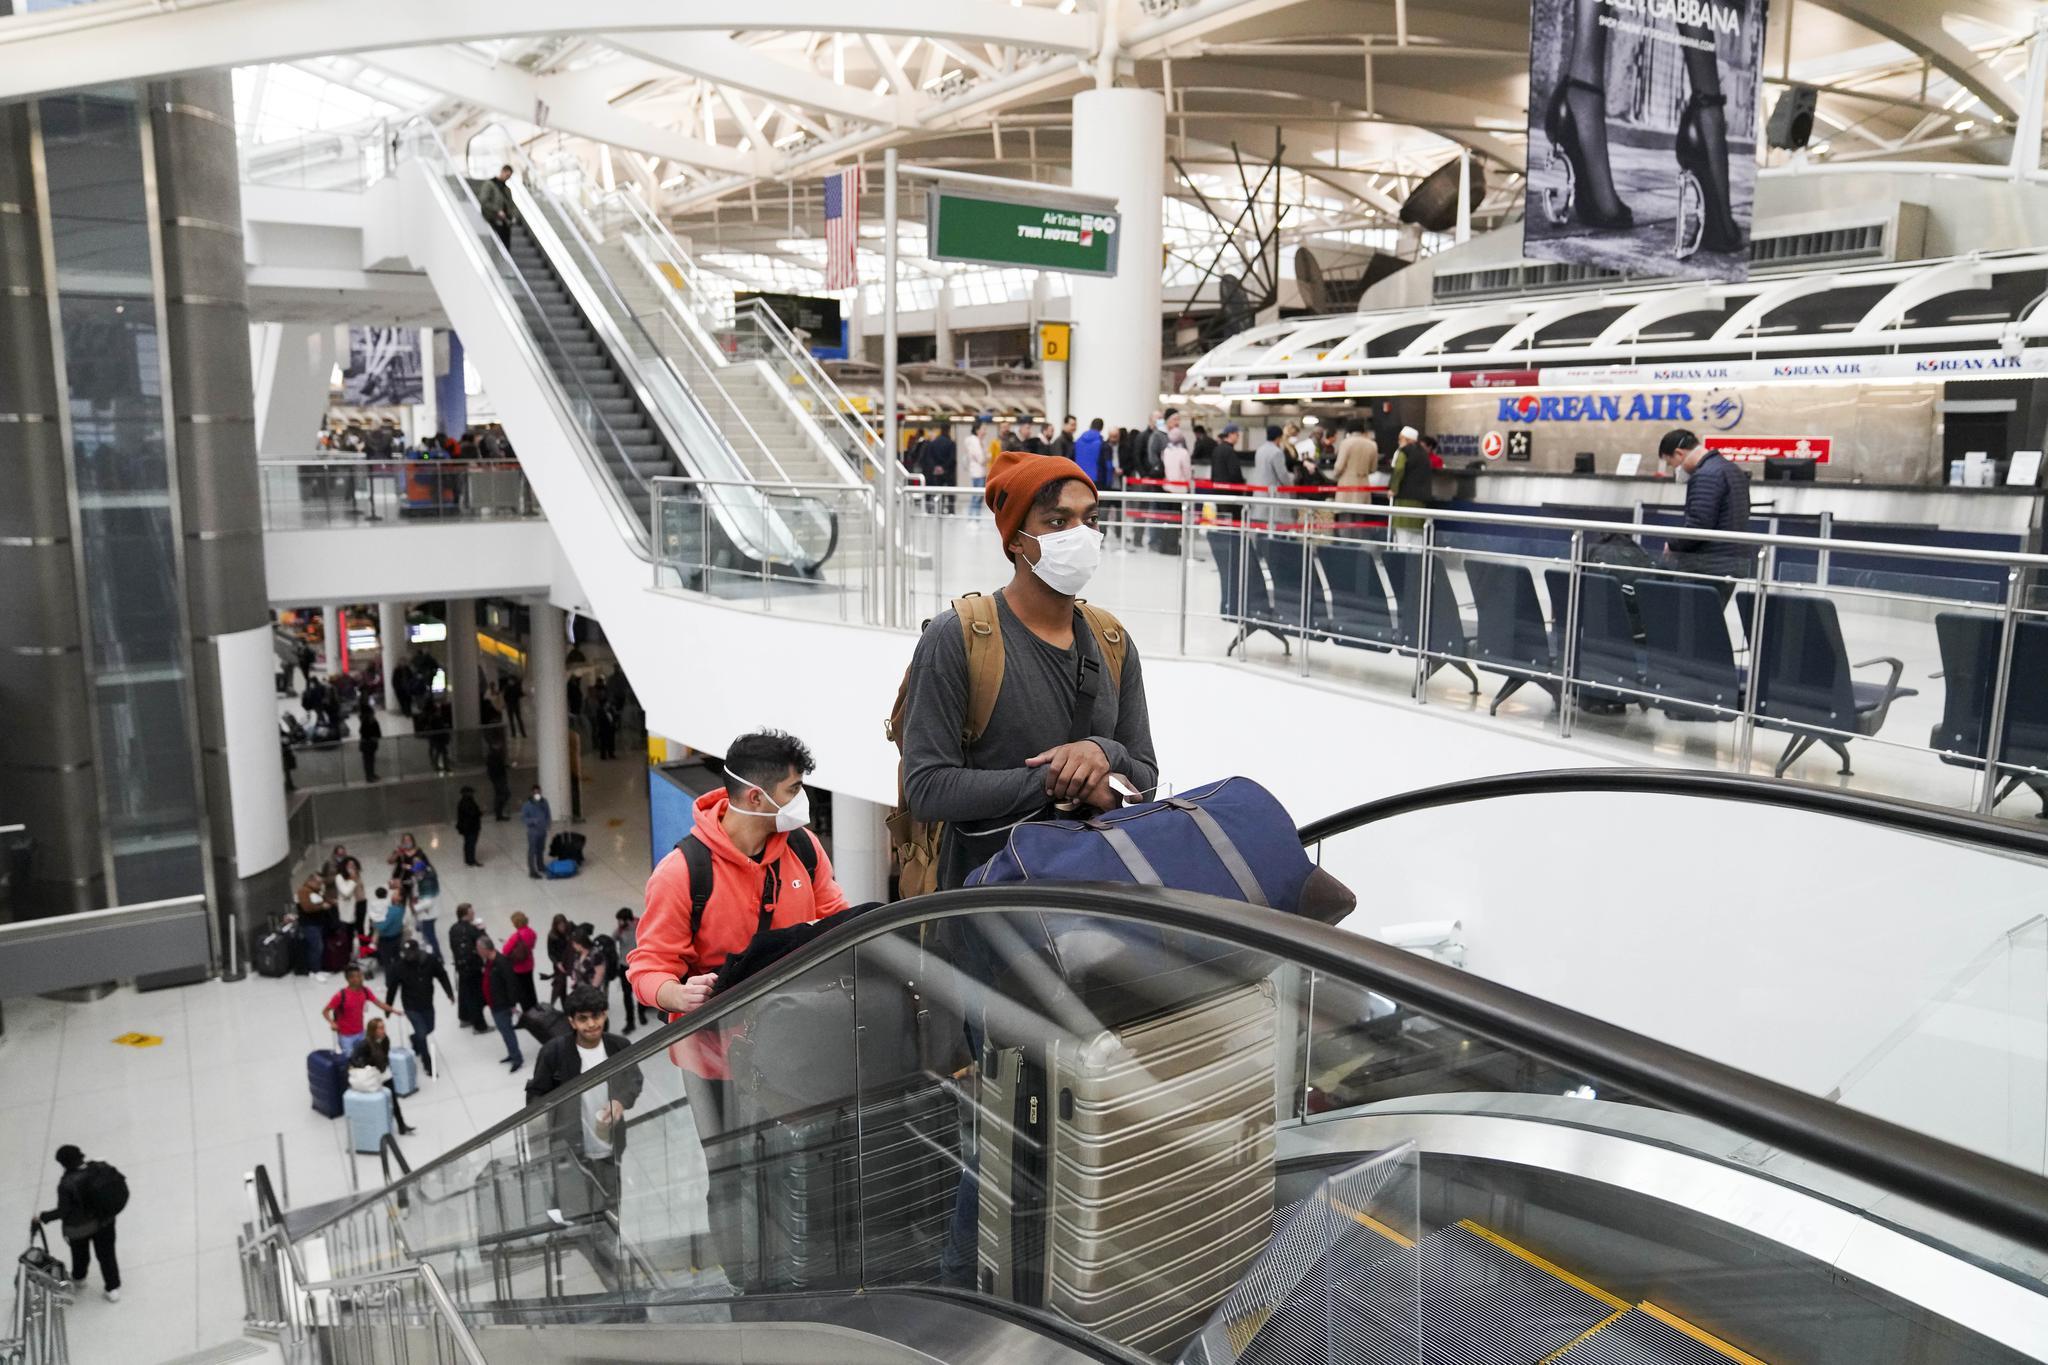 3月13日,在美国纽约肯尼迪国际机场,乘客坐电梯上楼。